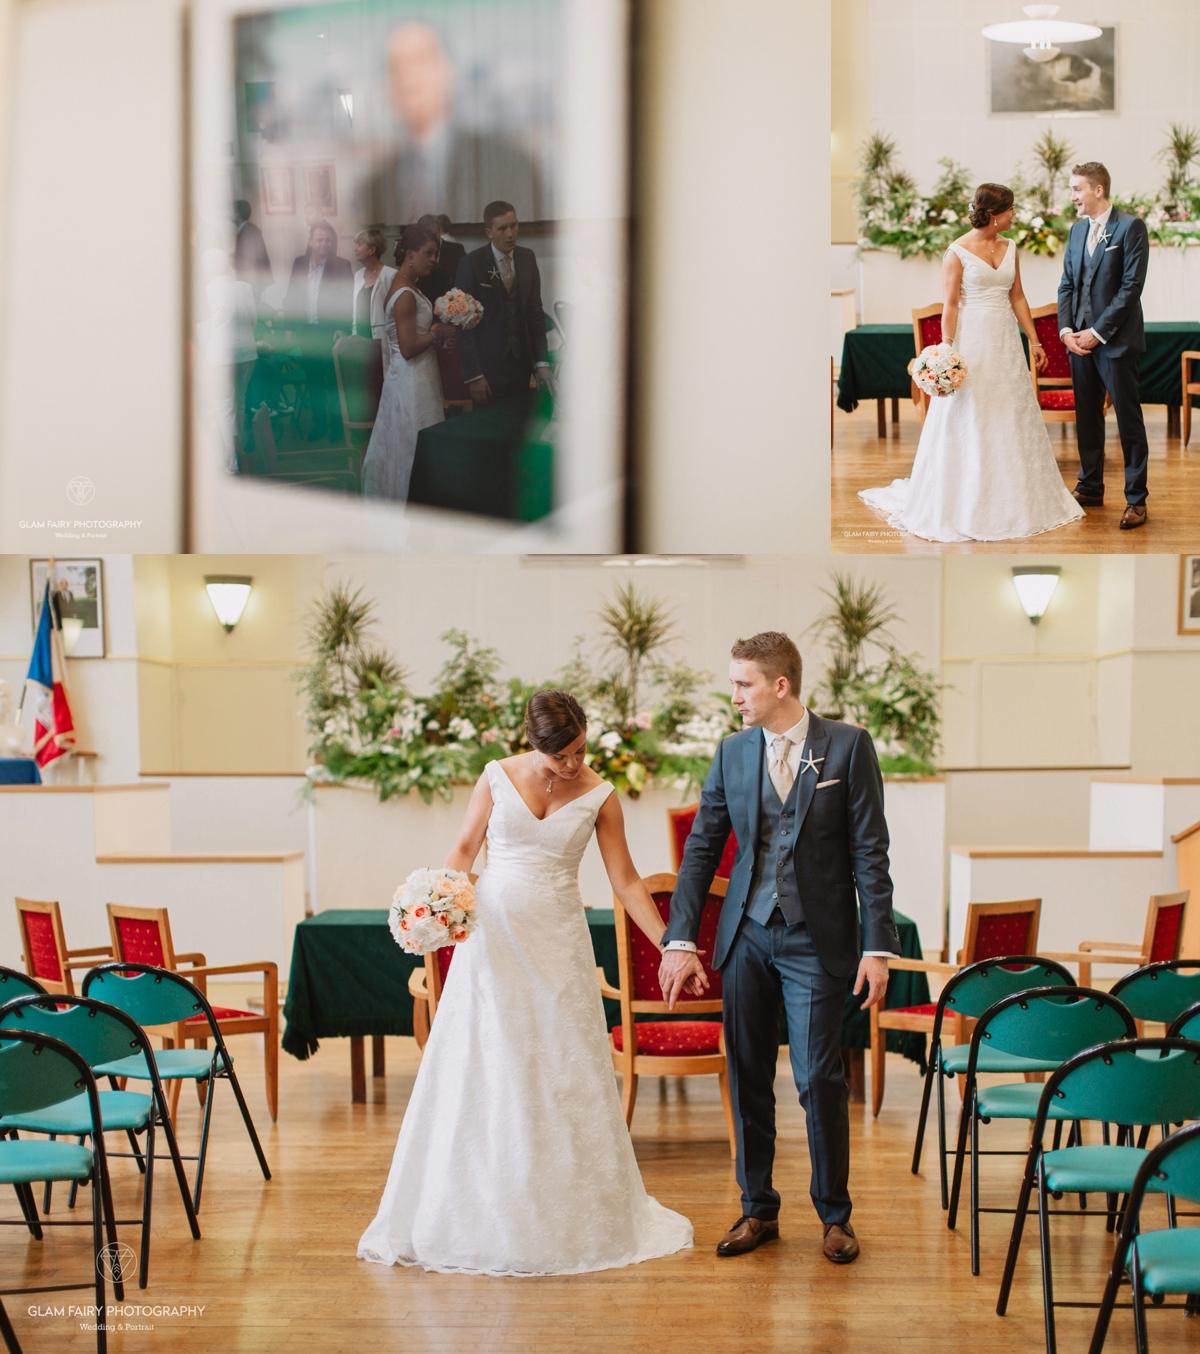 glamfairyphotography-mariage-manoir-de-portejoie-anais_0039